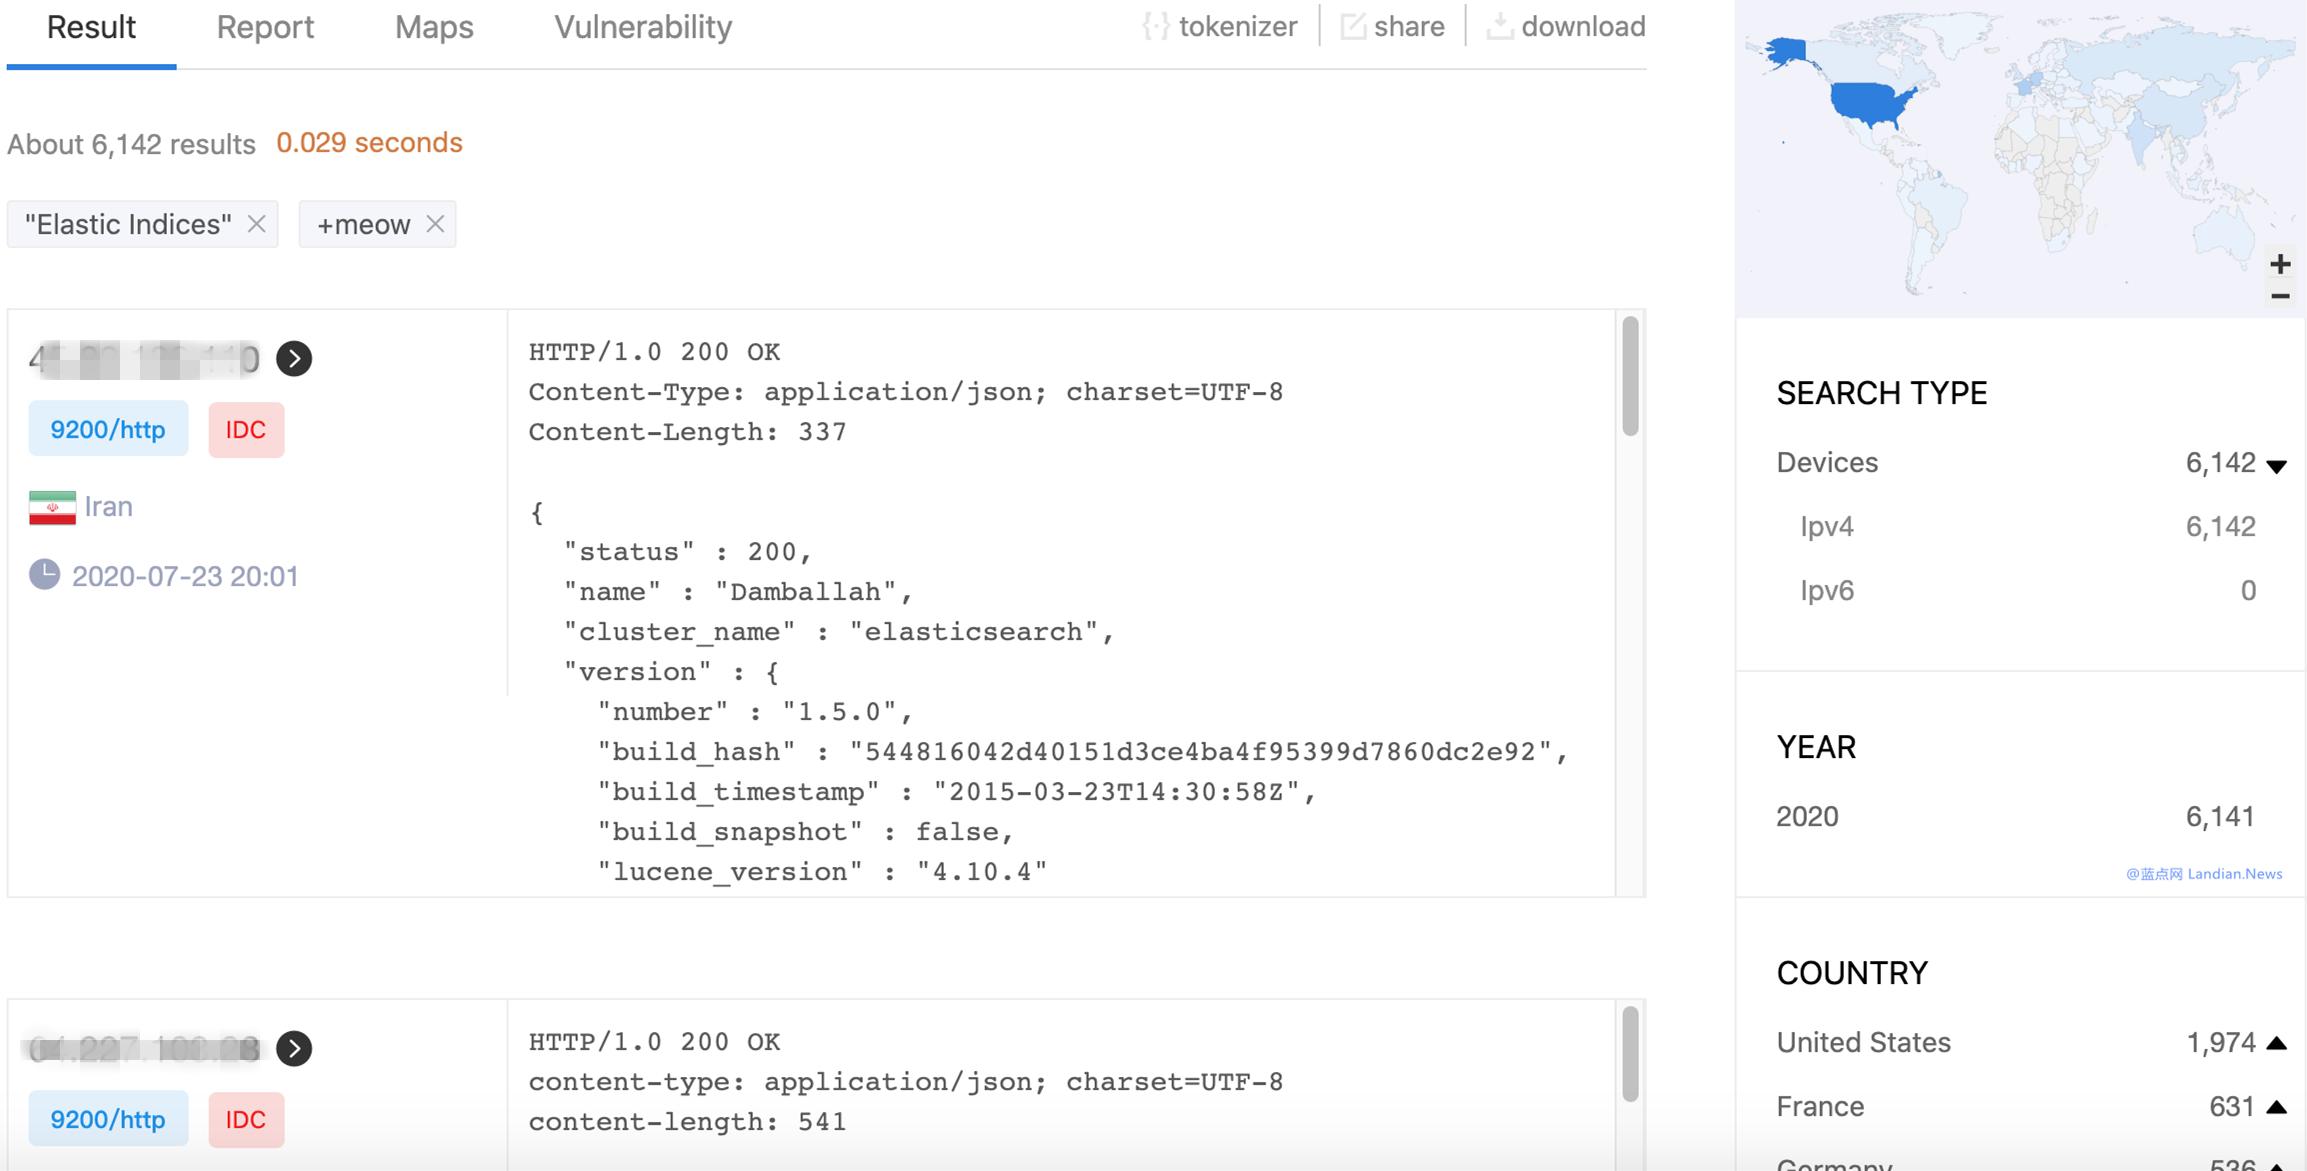 😼喵星人攻击脚本突然袭击互联网 只为破坏数据惩罚不注重安全的开发商